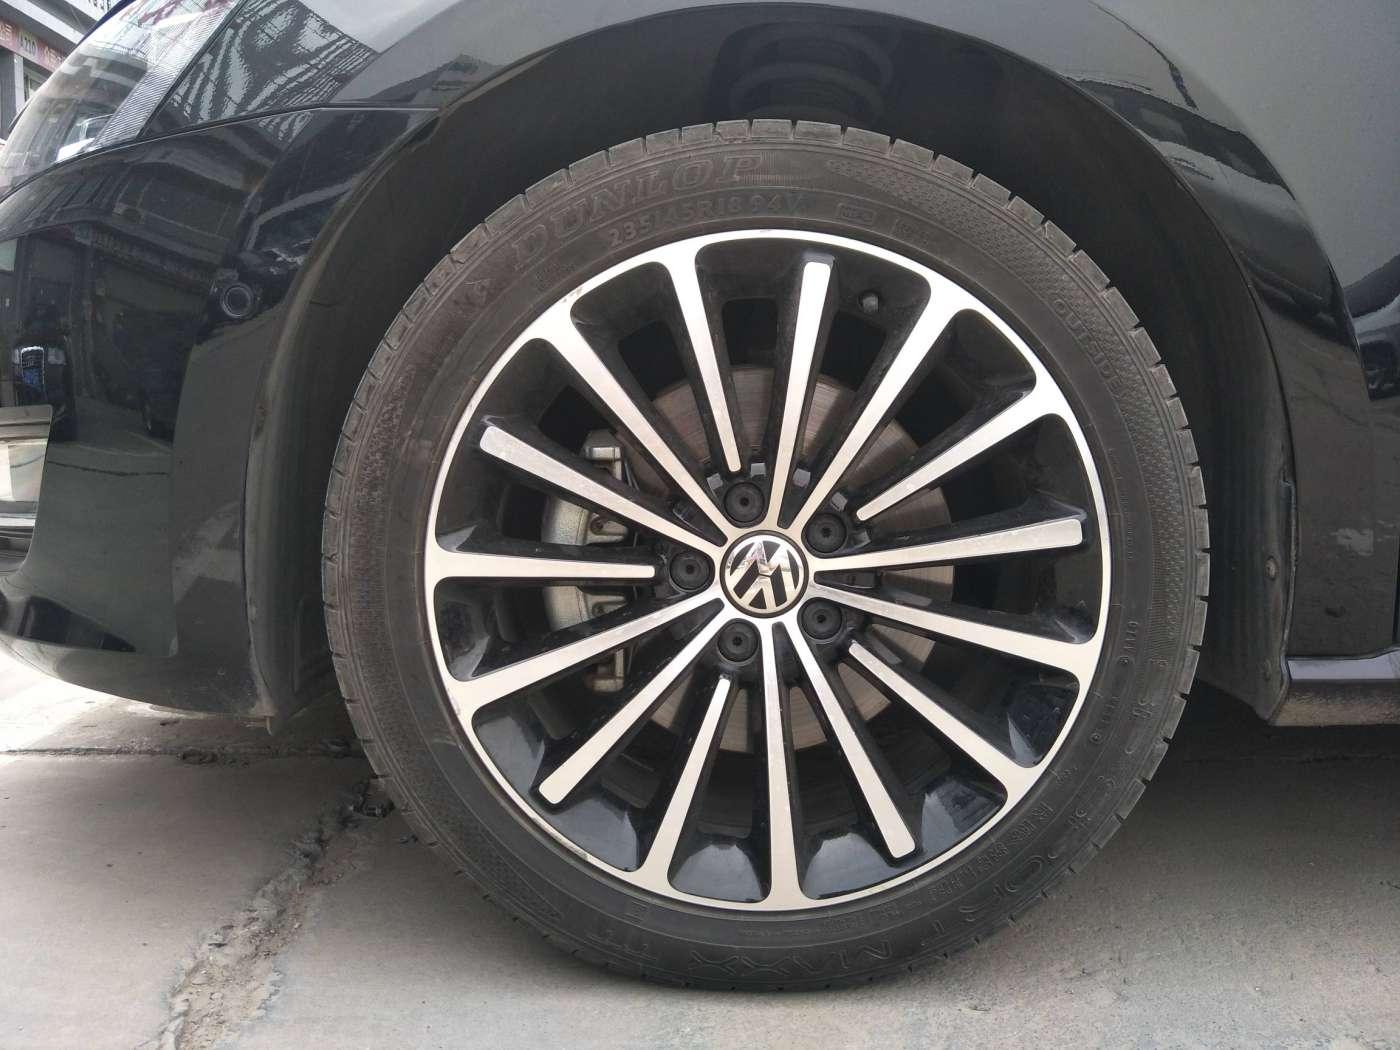 2016年01月 大众 2016款 帕萨特 380TSI DSG至尊版|甄选大众-北京卡斯基汽车服务有限公司